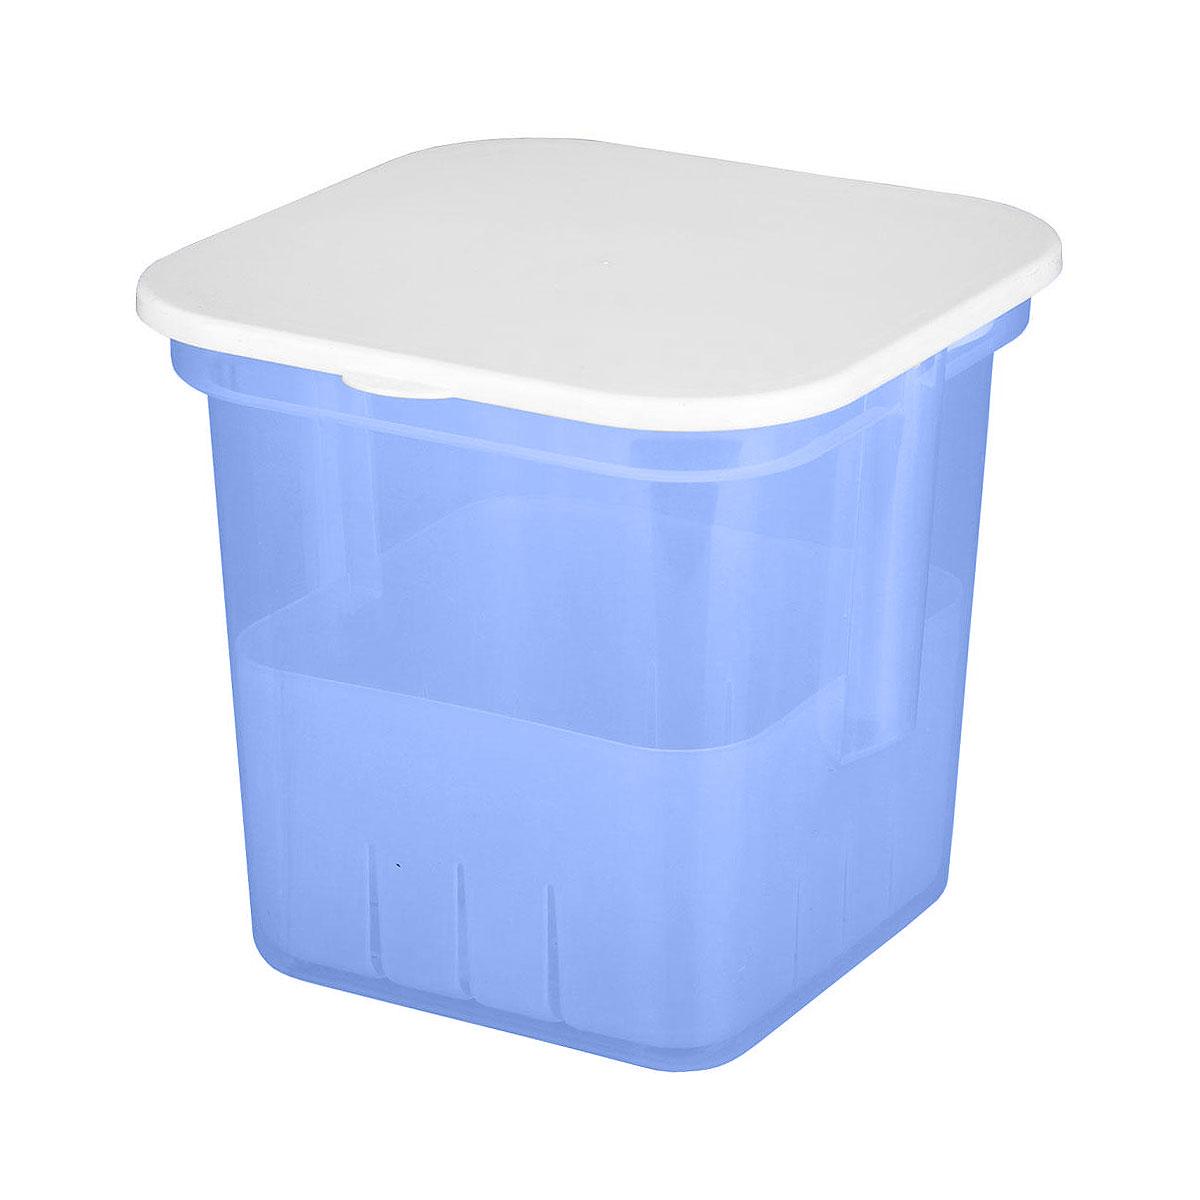 Банка для солений Альтернатива, с крышкой и вставкой, цвет: голубой, 7 лM1252Банка Альтернатива предназначена для размещения в ней солений. Выполнена из высокопрочного пластика. В комплекте съемный контейнер с ручкой, на дне которого имеются отверстия. Это позволяет легко вынимать соленья, при этом рассол быстро стечет вниз. С такой банкой удобно и хранить, и перевозить соленья в рассоле. Банка закрывается крышкой белого цвета. Объем: 7 л.